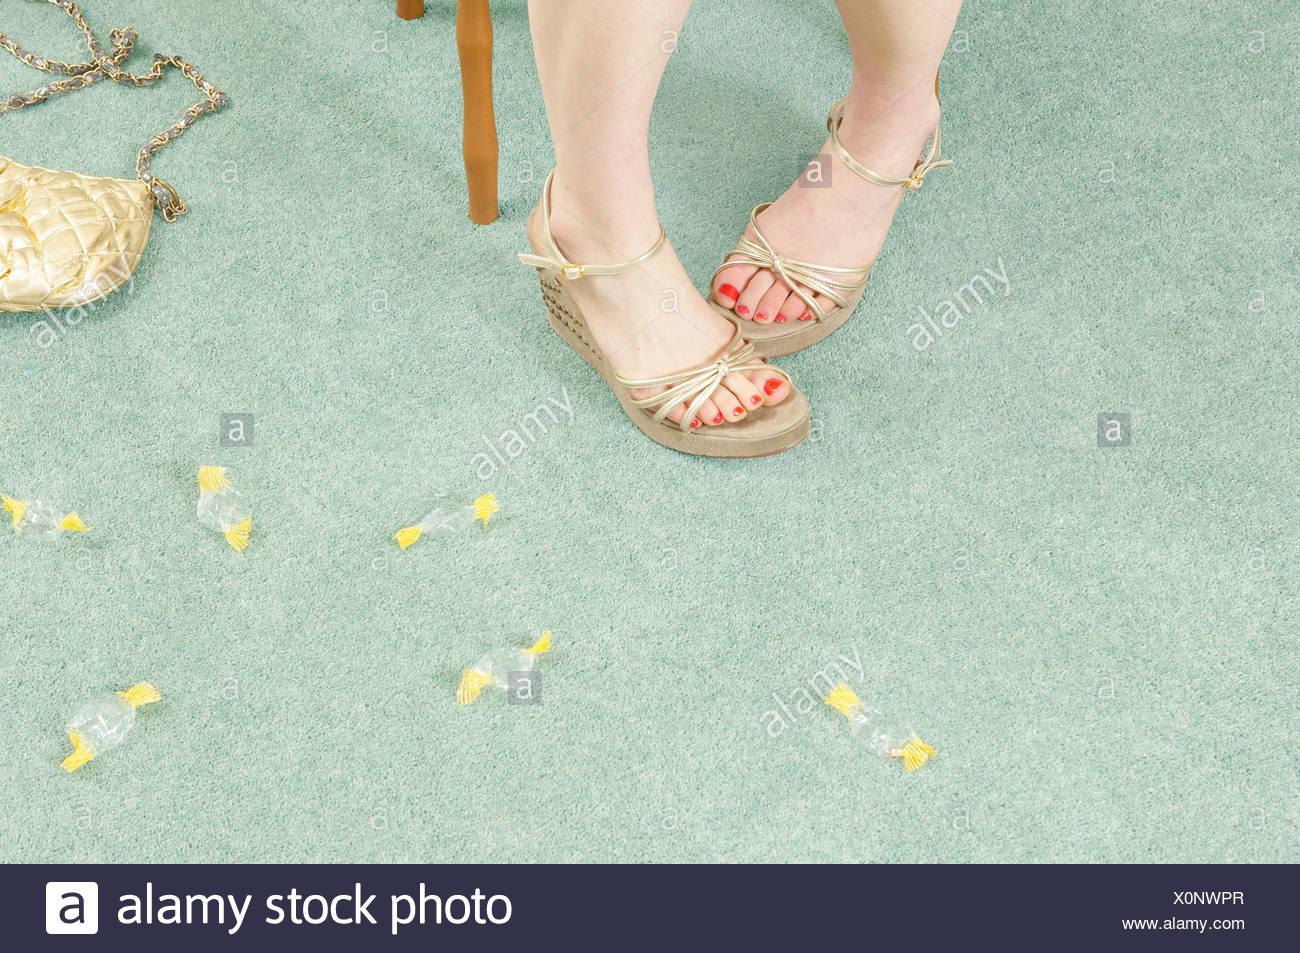 Frauenbeine mit Bonbonverpackungen Stockbild